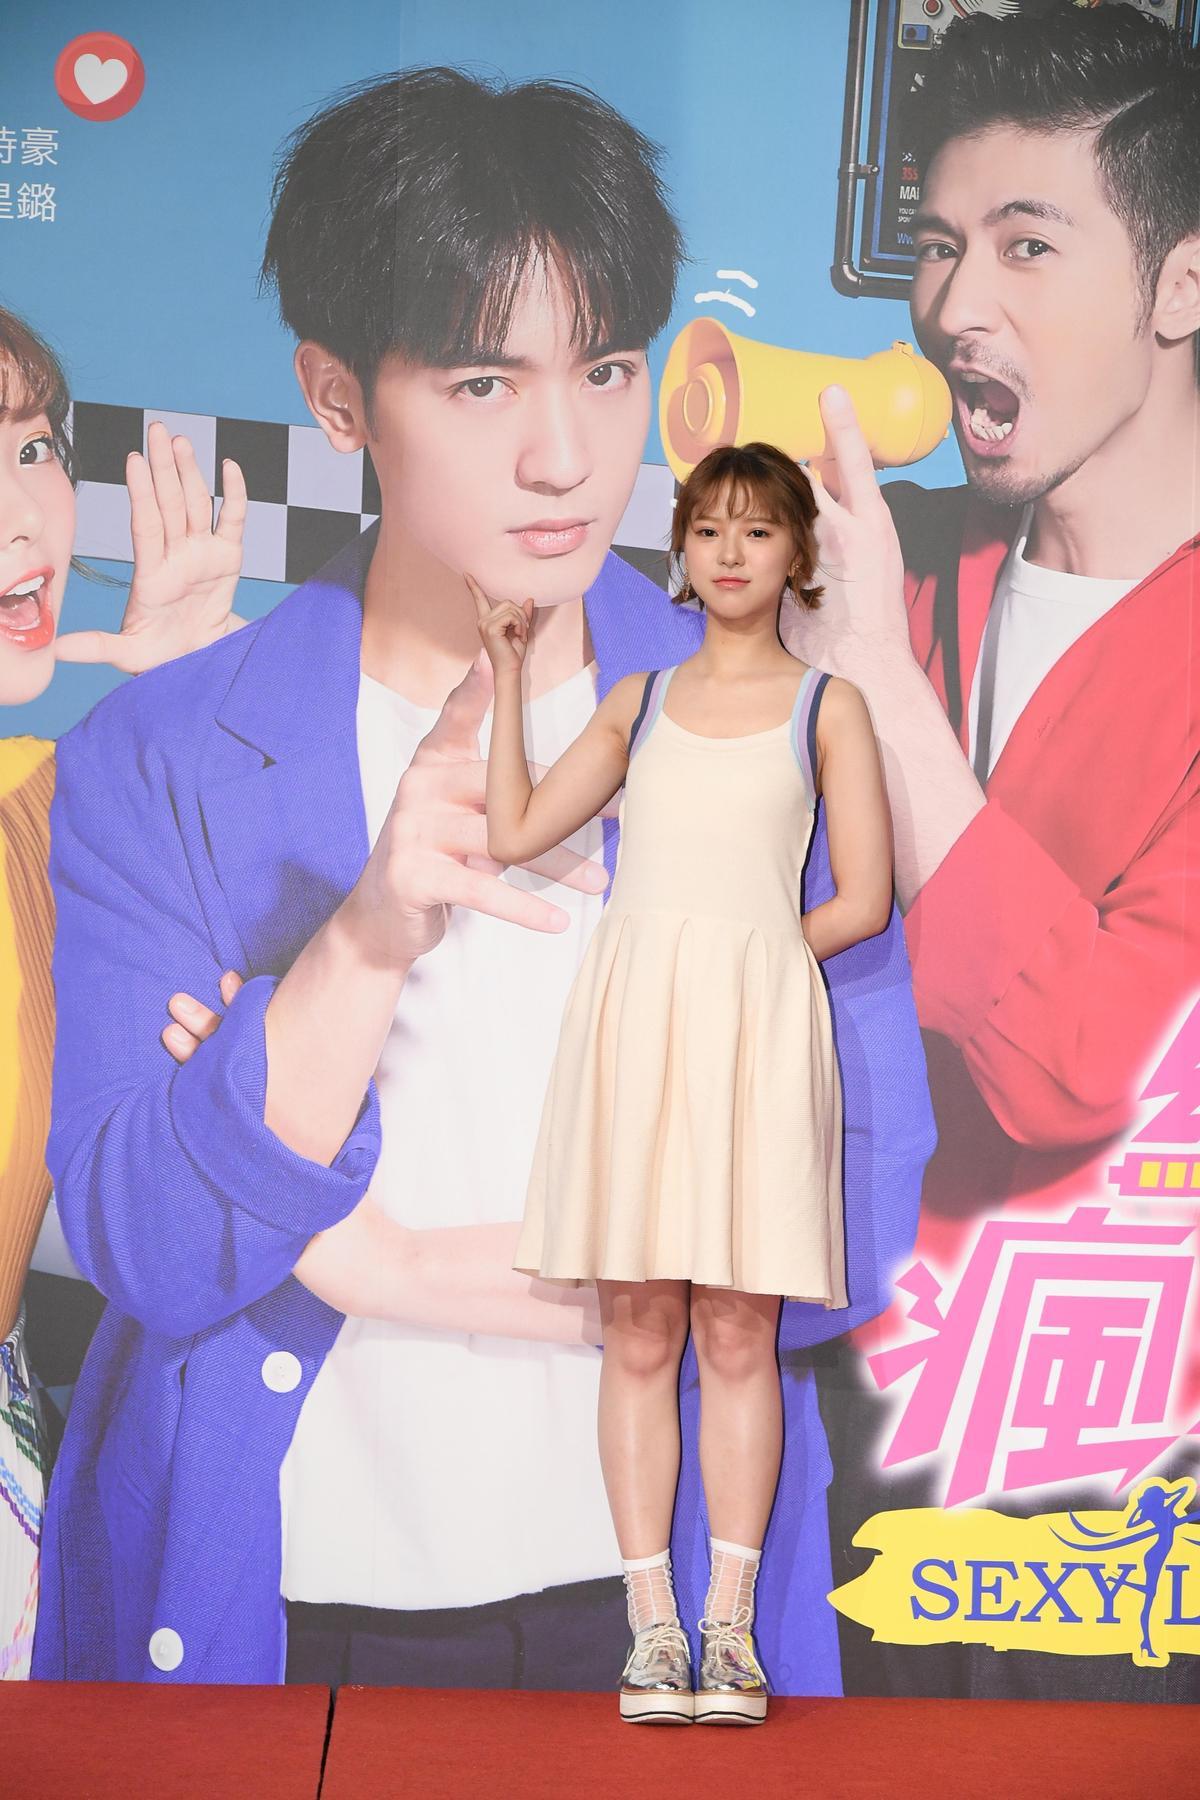 項婕如透露曾被網友嫌胸小「不給推」。